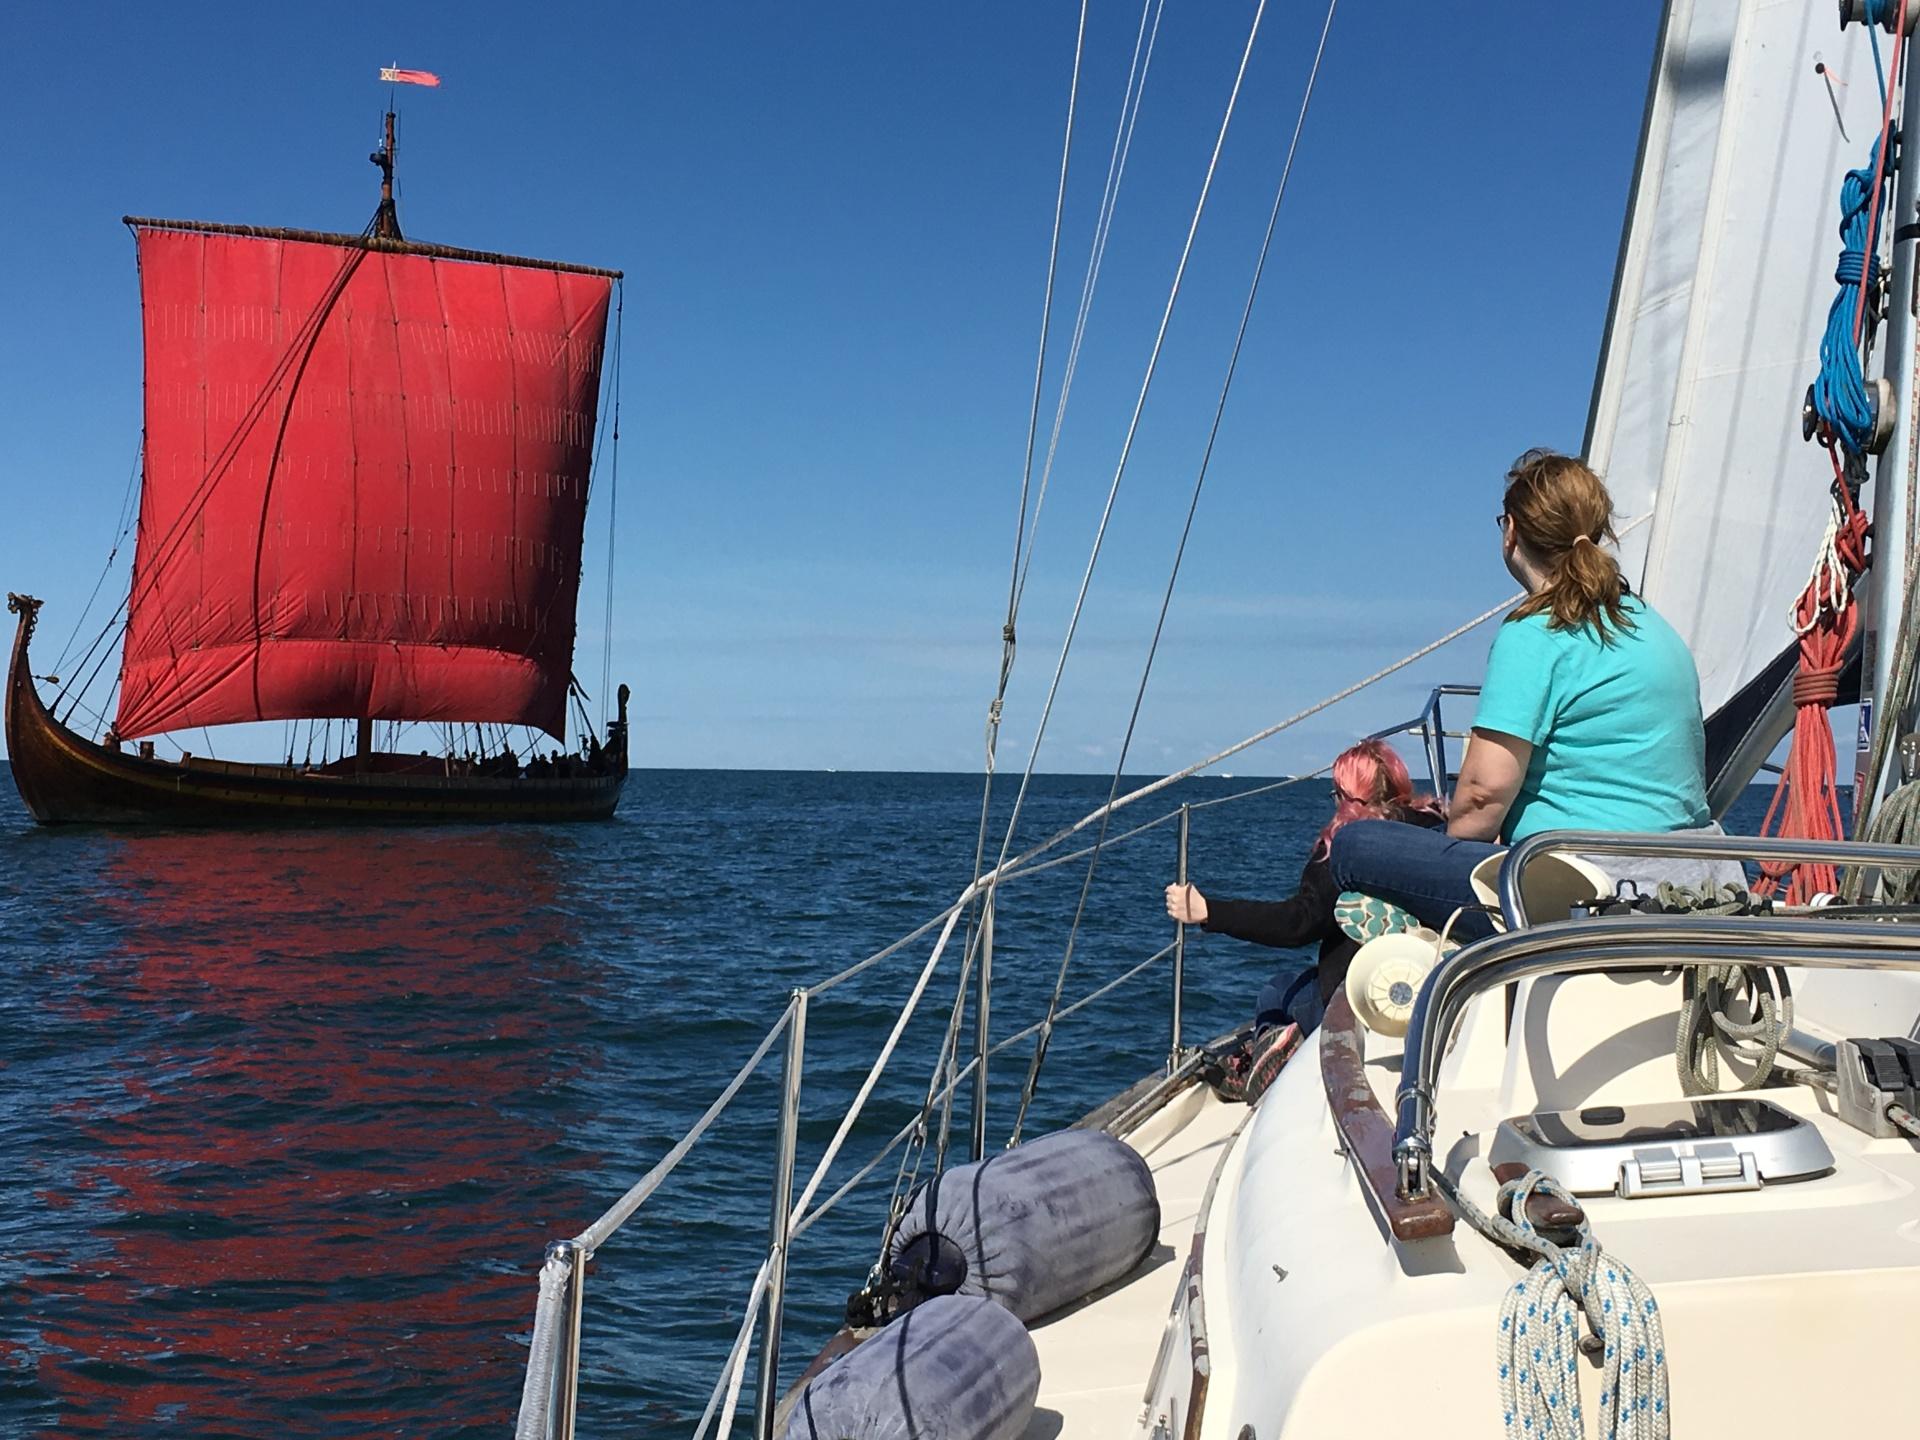 Draken Harald Hårfagre viking ship